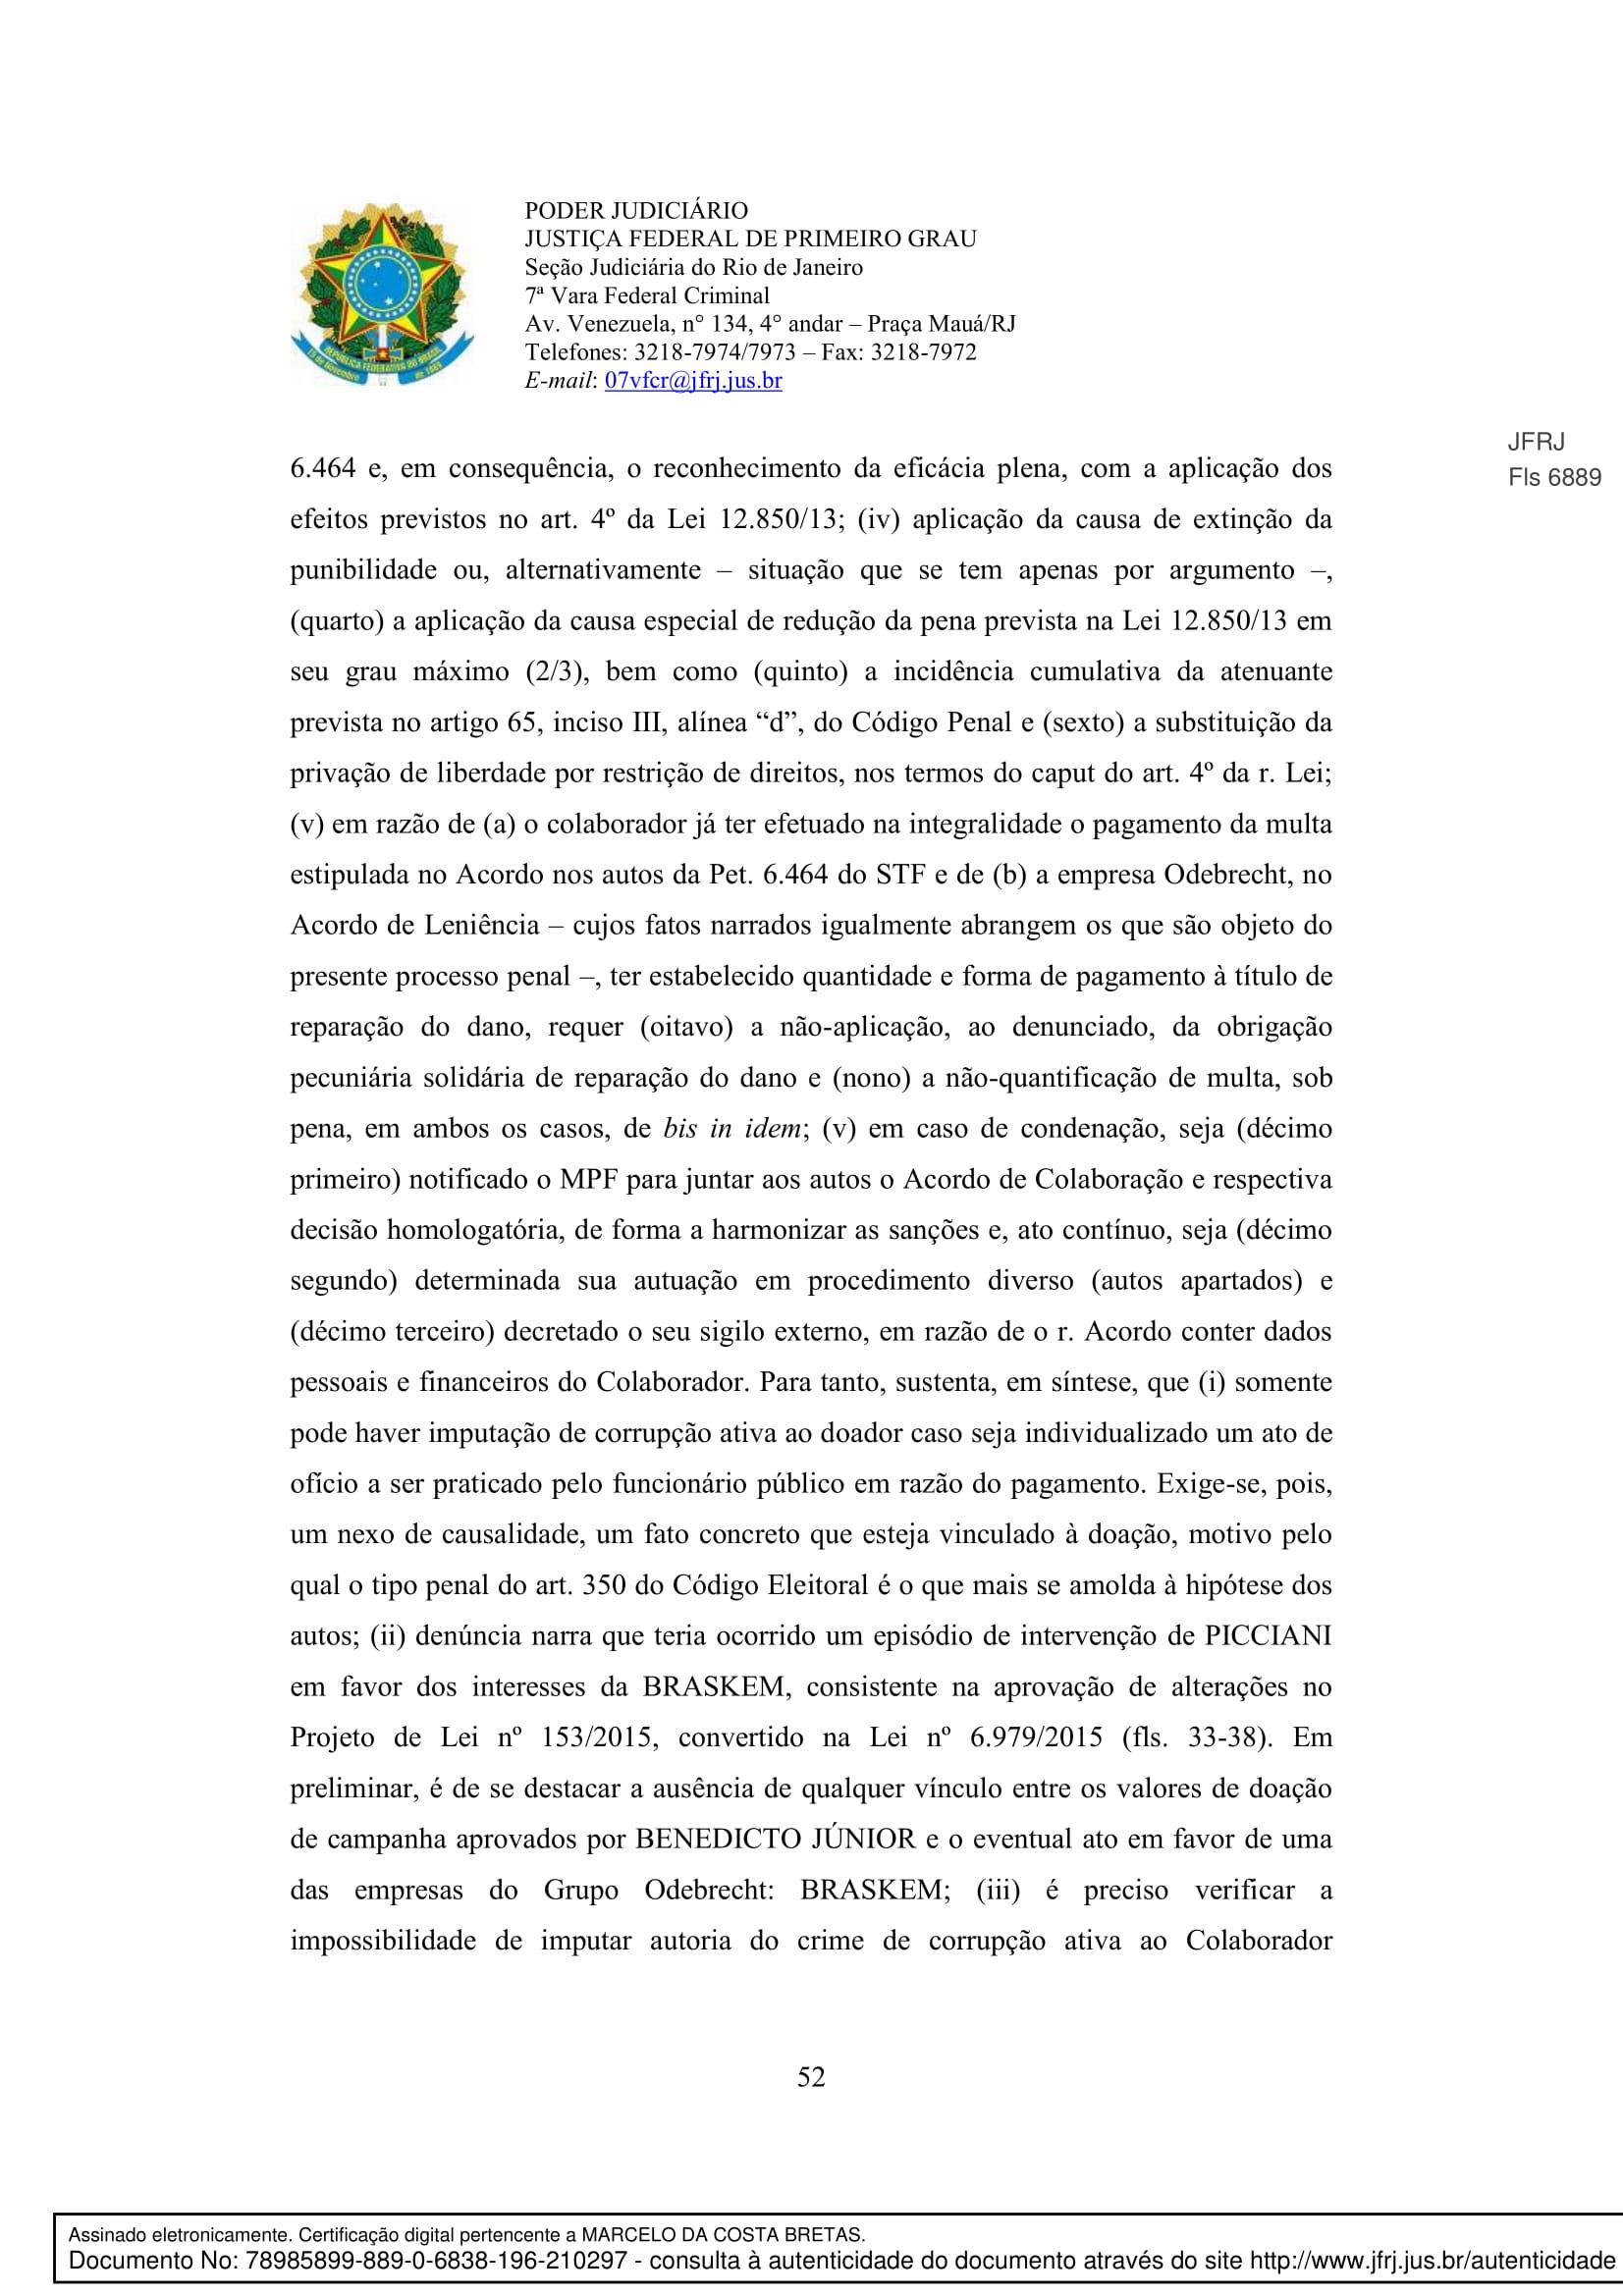 Sentenca-Cadeia-Velha-7VFC-052